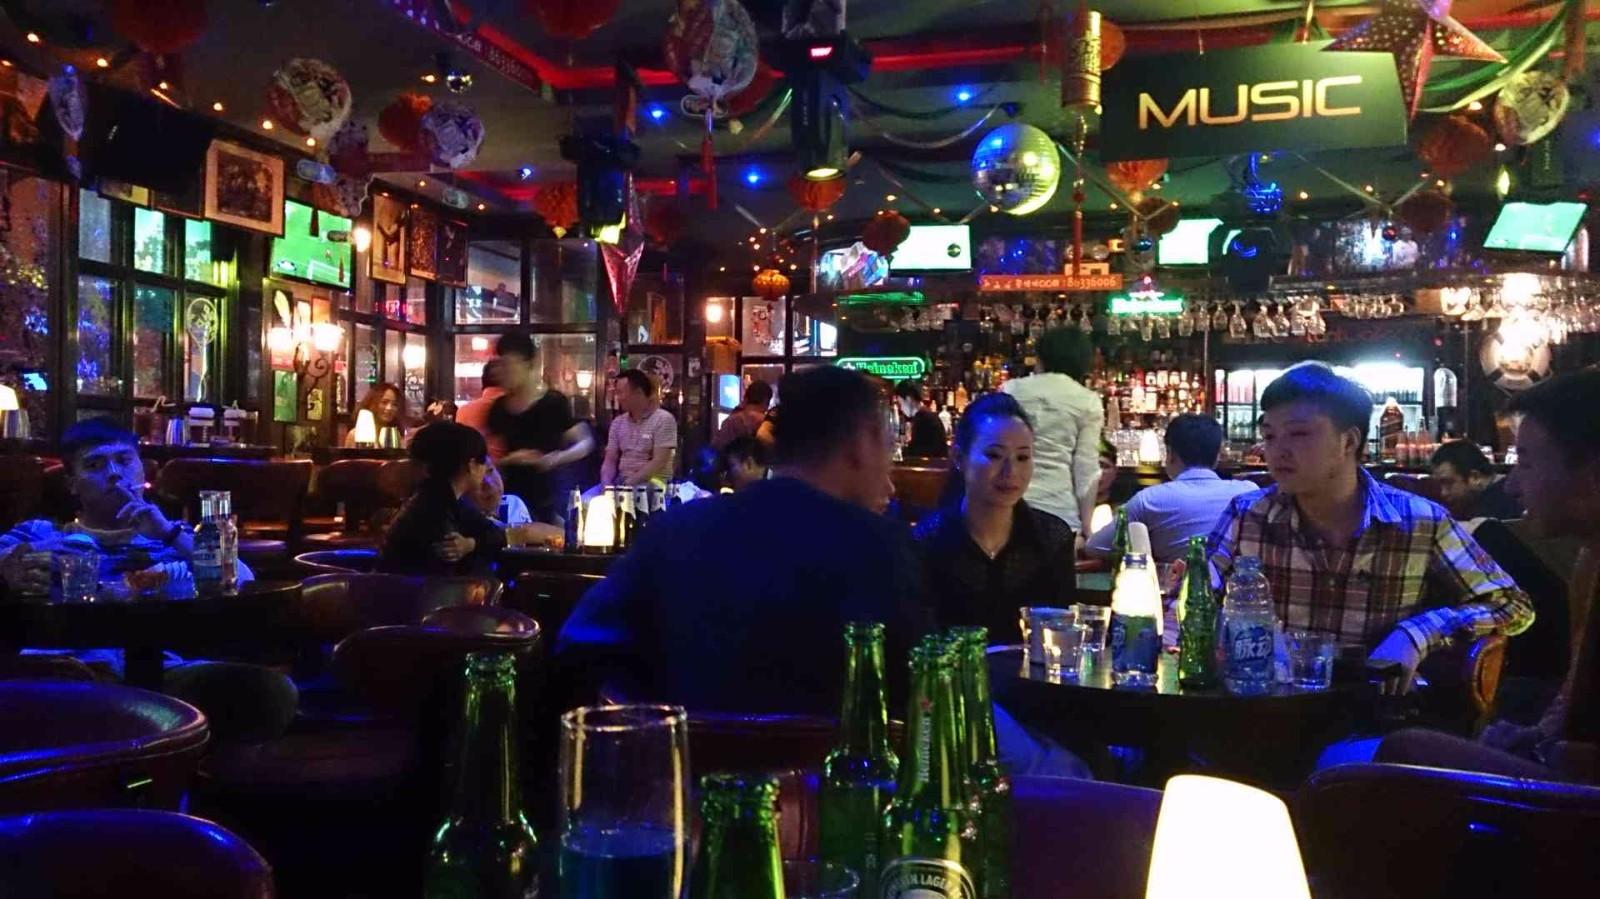 去喝酒:酒吧优惠及服务平台